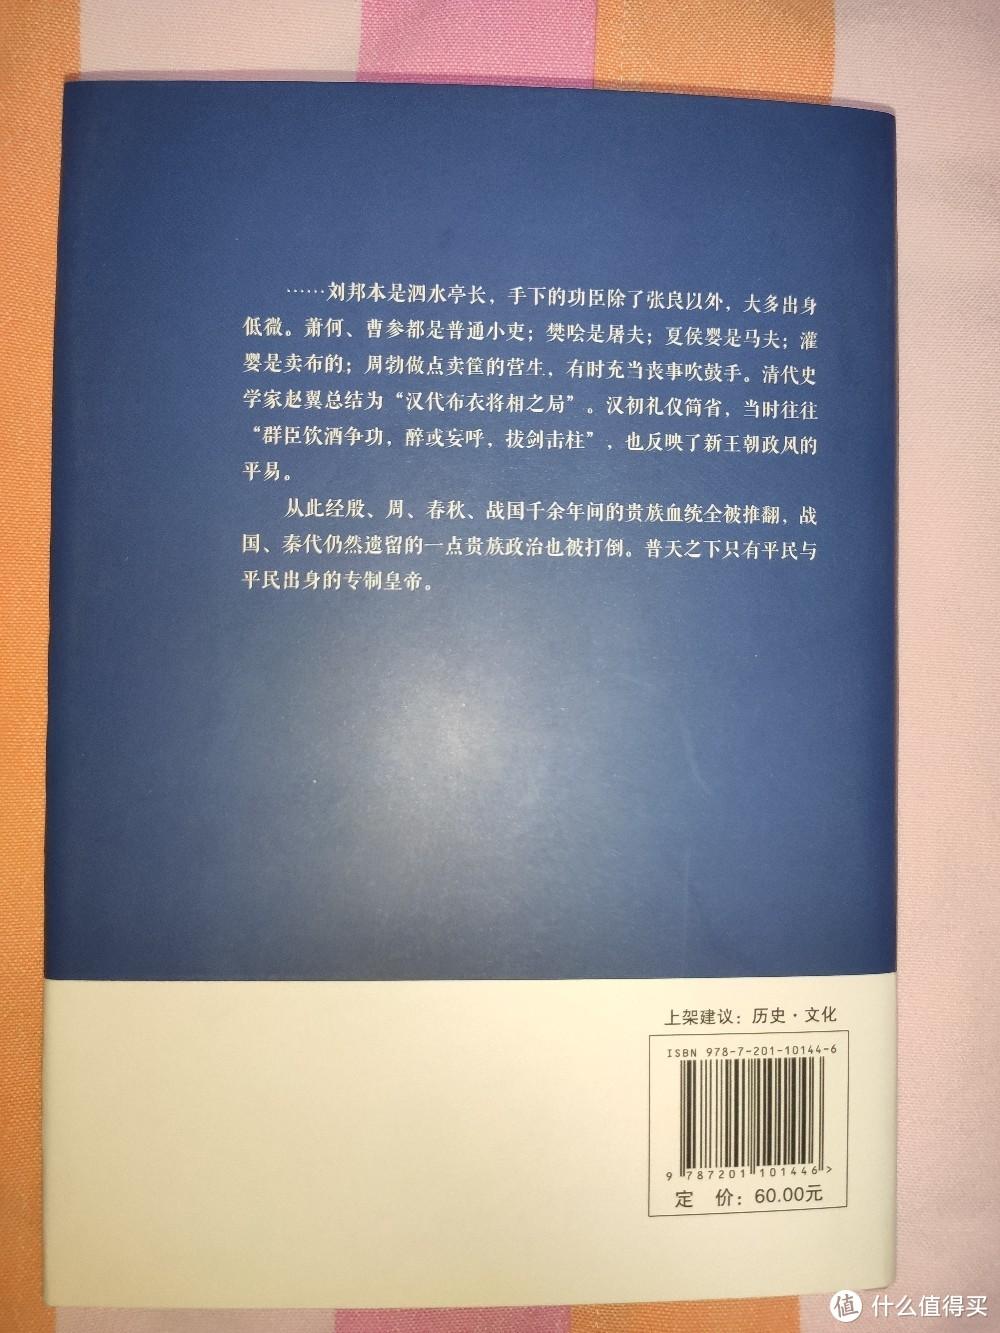 天津人民出版社雷海宗文集之《中国史纲要》小晒